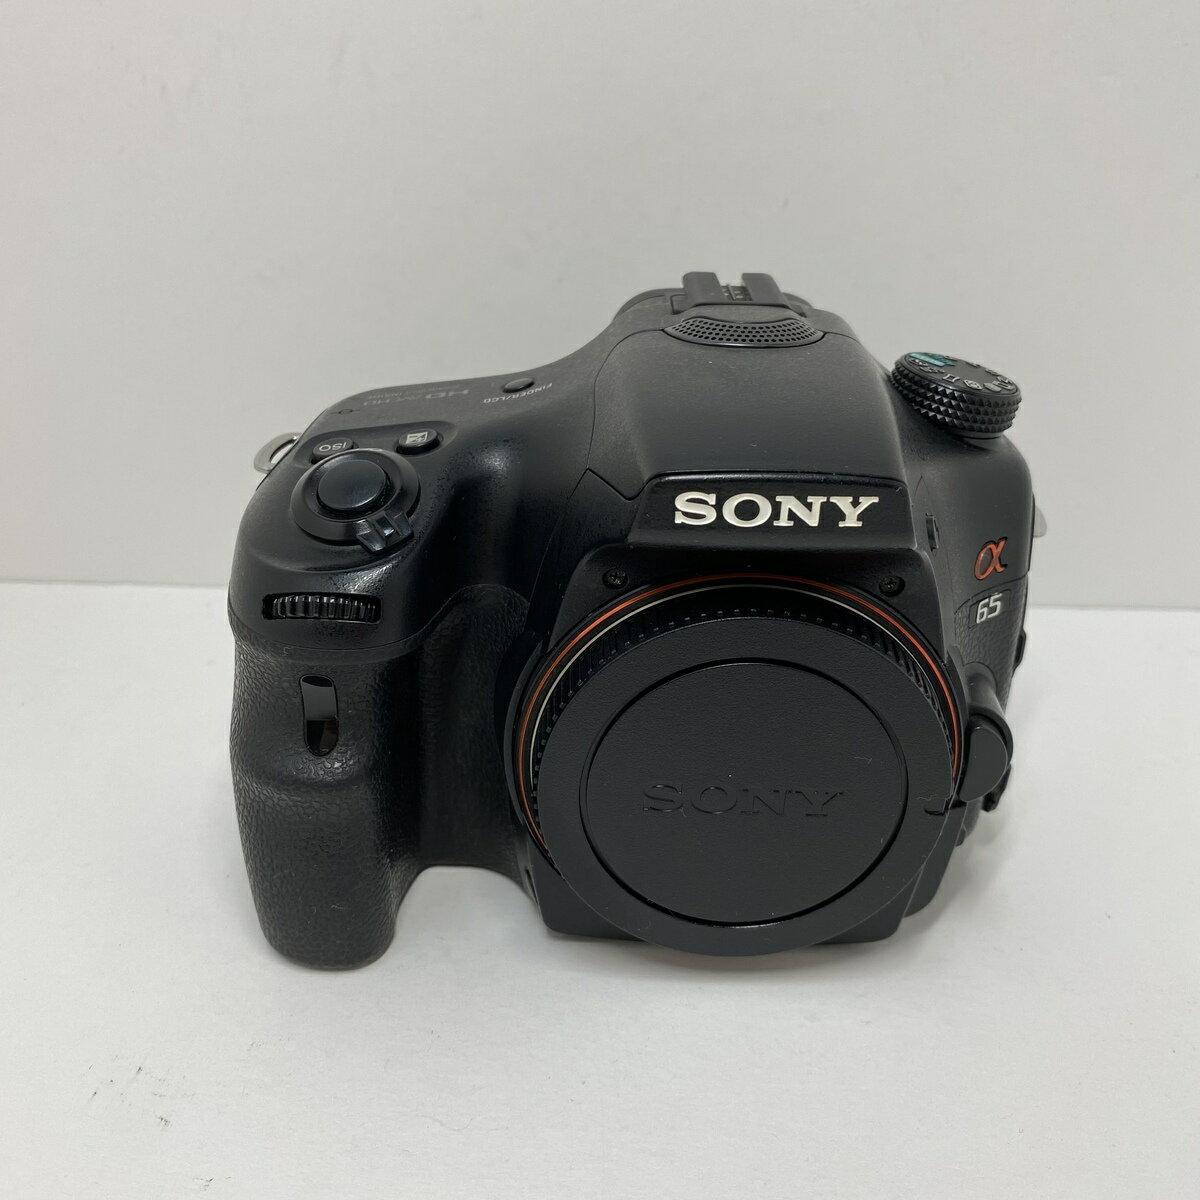 デジタルカメラ, デジタル一眼レフカメラ SONY 65SLT-A65V